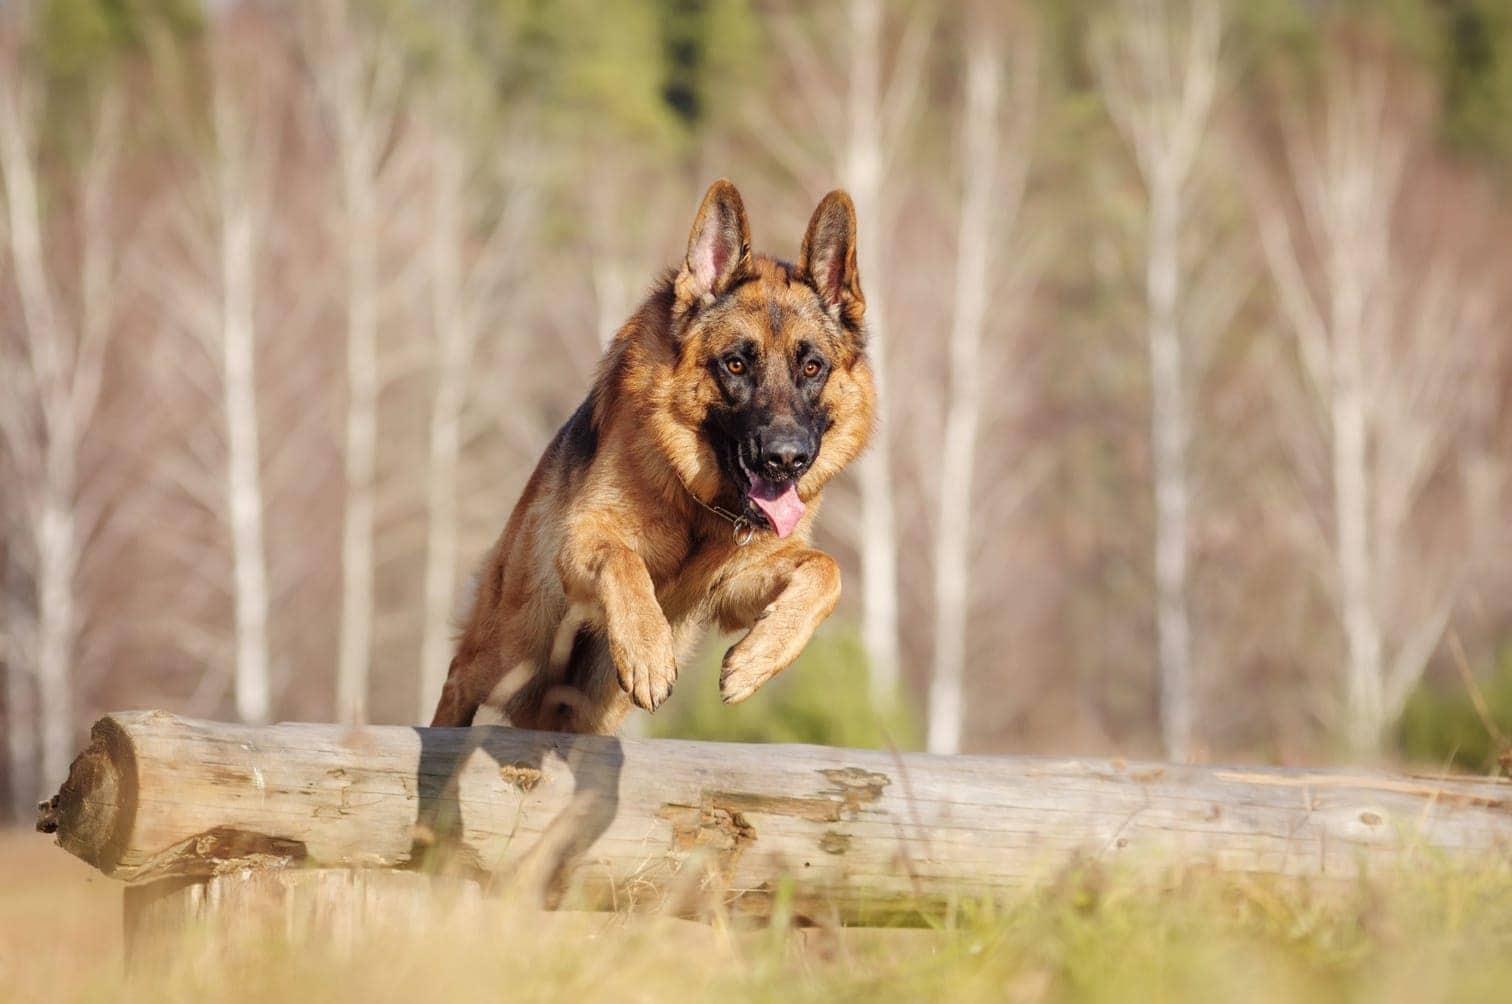 Foto: Shutterstock / Runa Kazakova